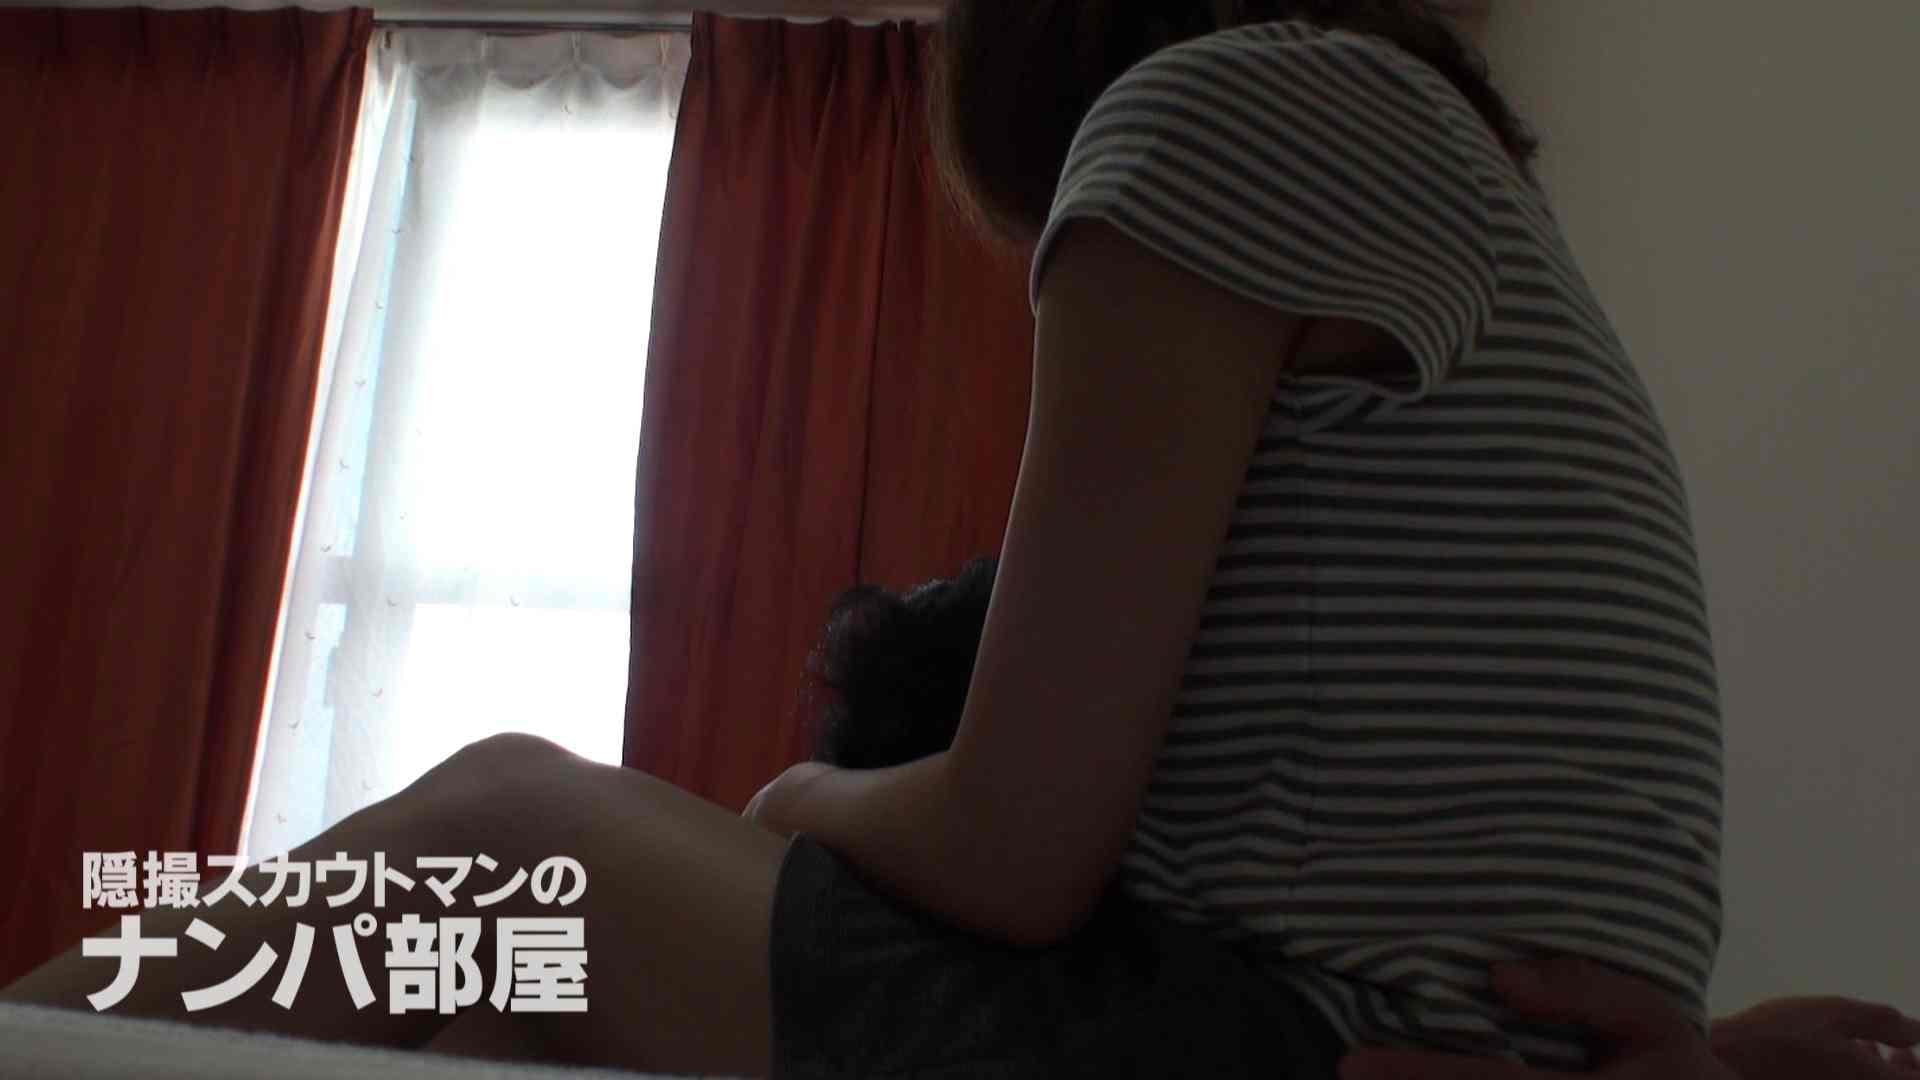 隠撮スカウトマンのナンパ部屋~風俗デビュー前のつまみ食い~ siivol.3 ナンパ 盗み撮り動画 55連発 35